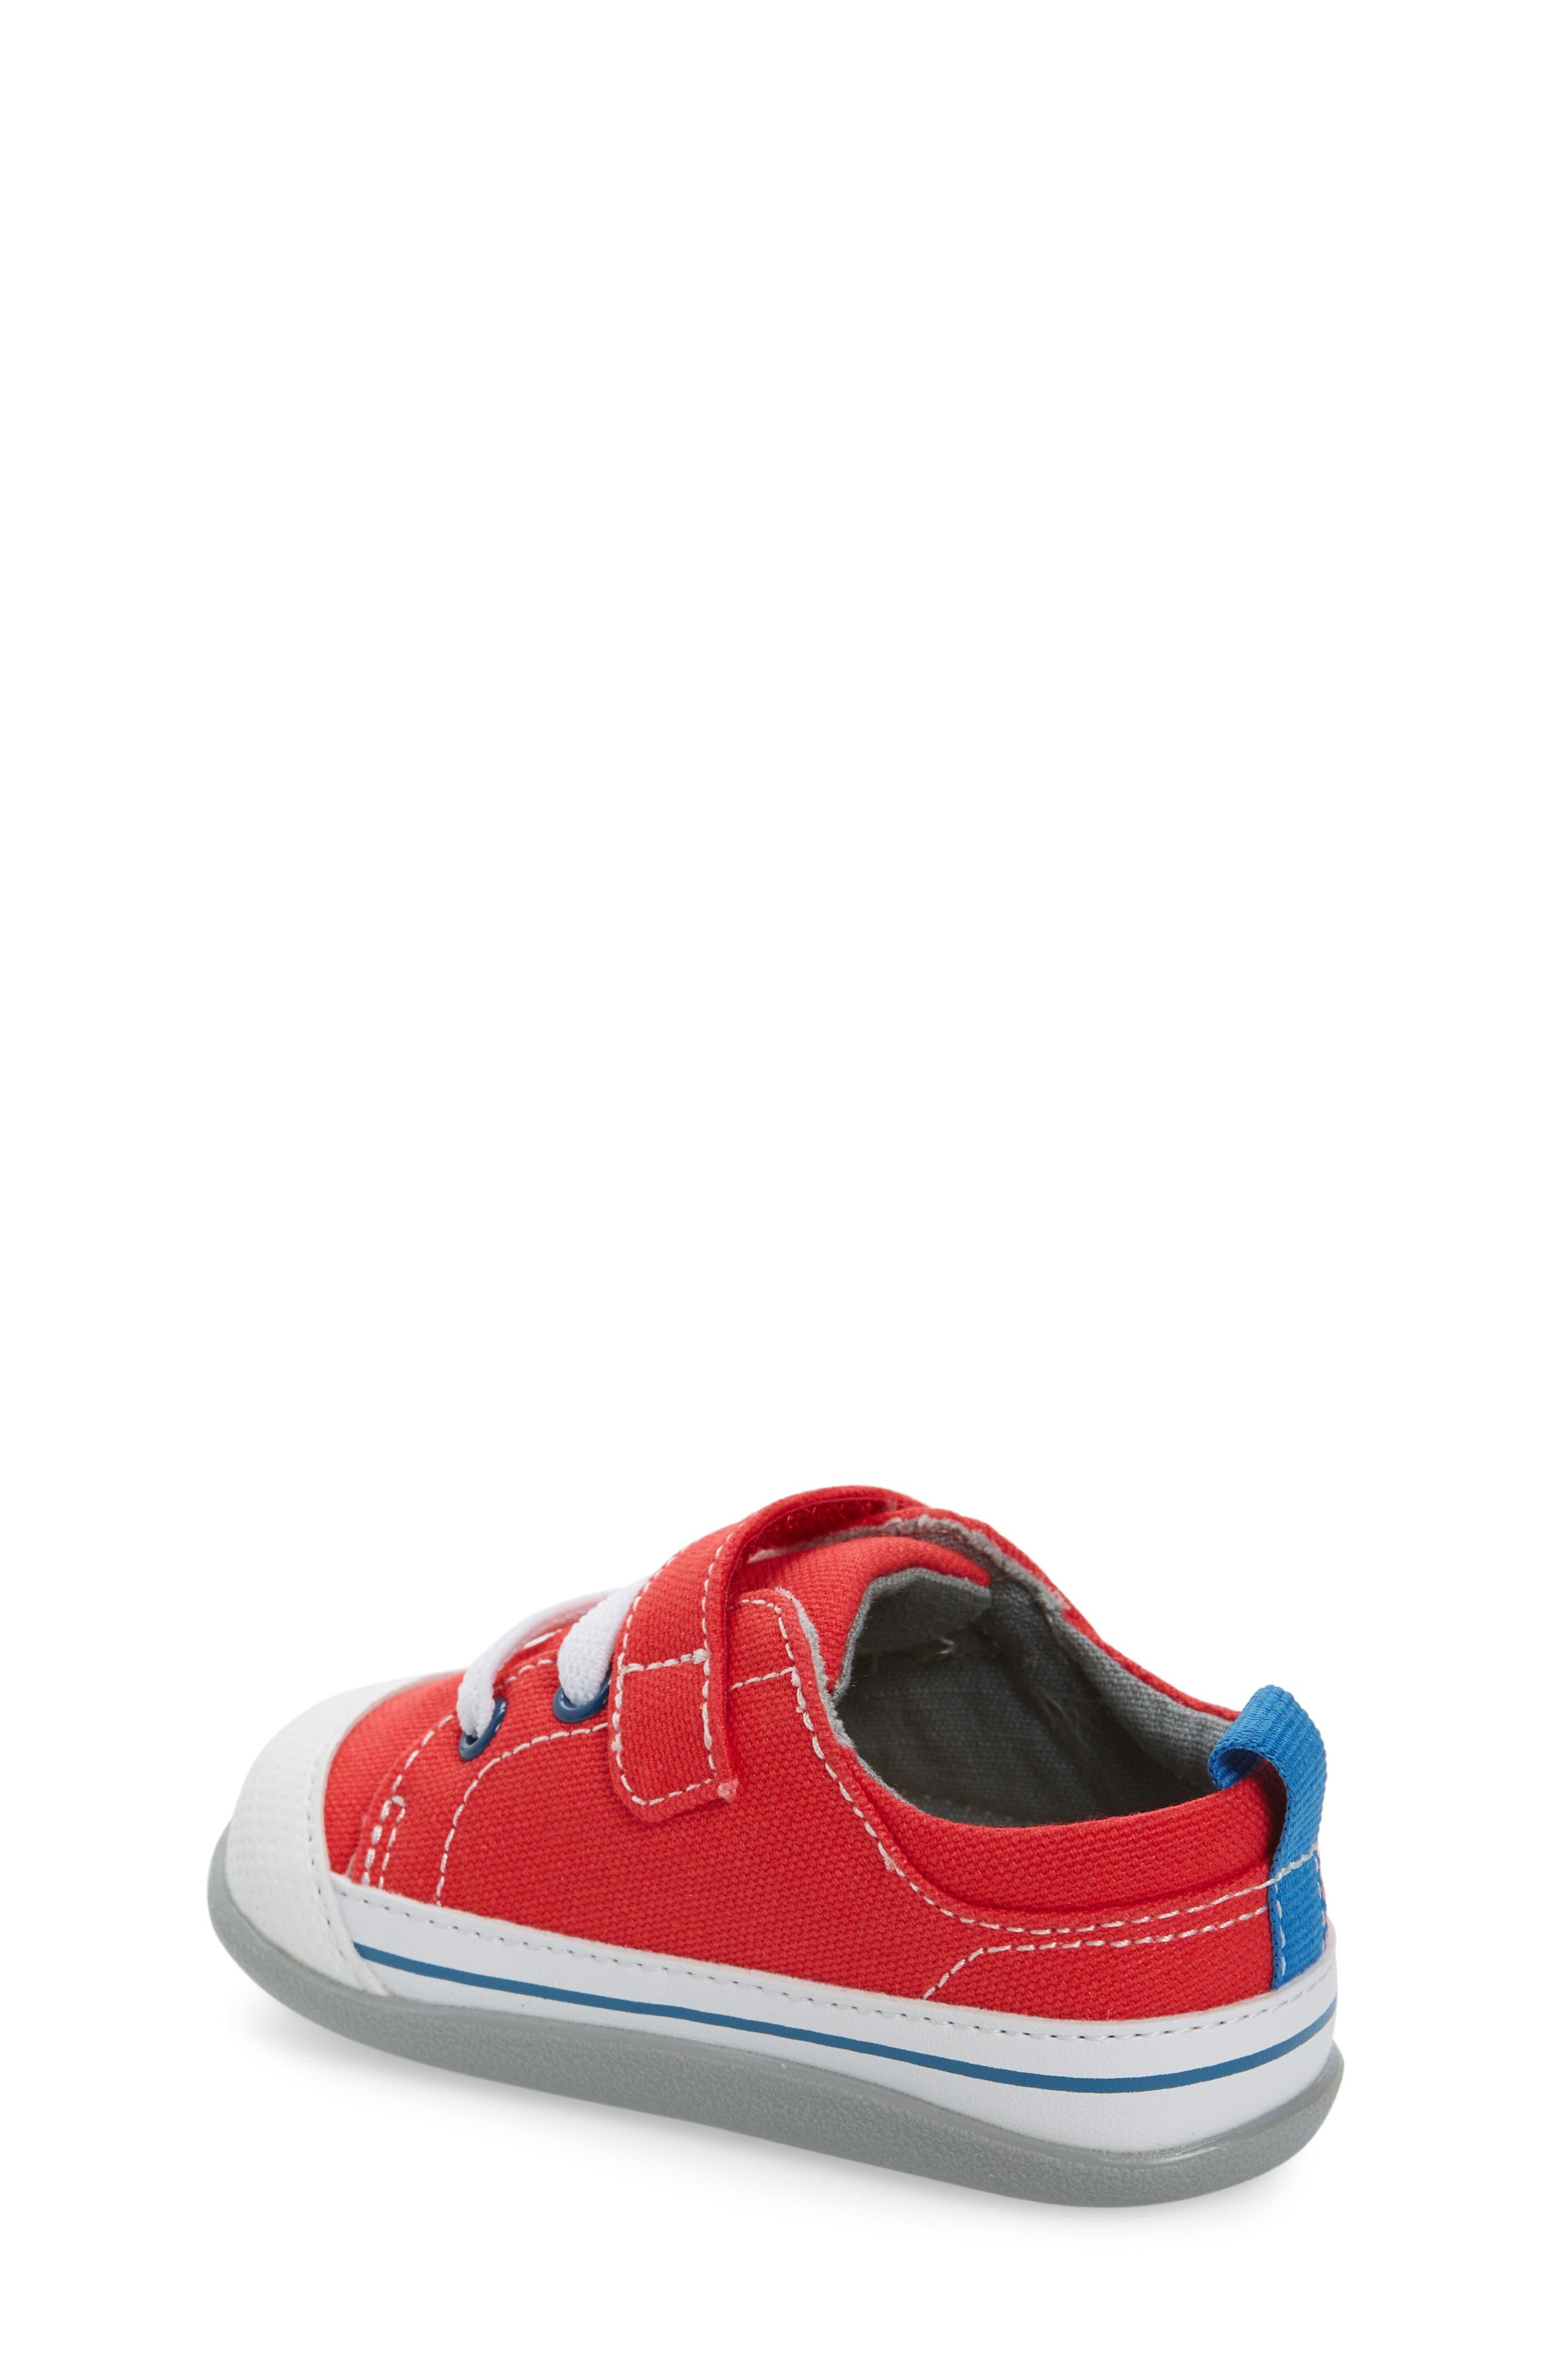 Alternate Image 2  - See Kai Run Stevie II Sneaker (Baby & Walker)